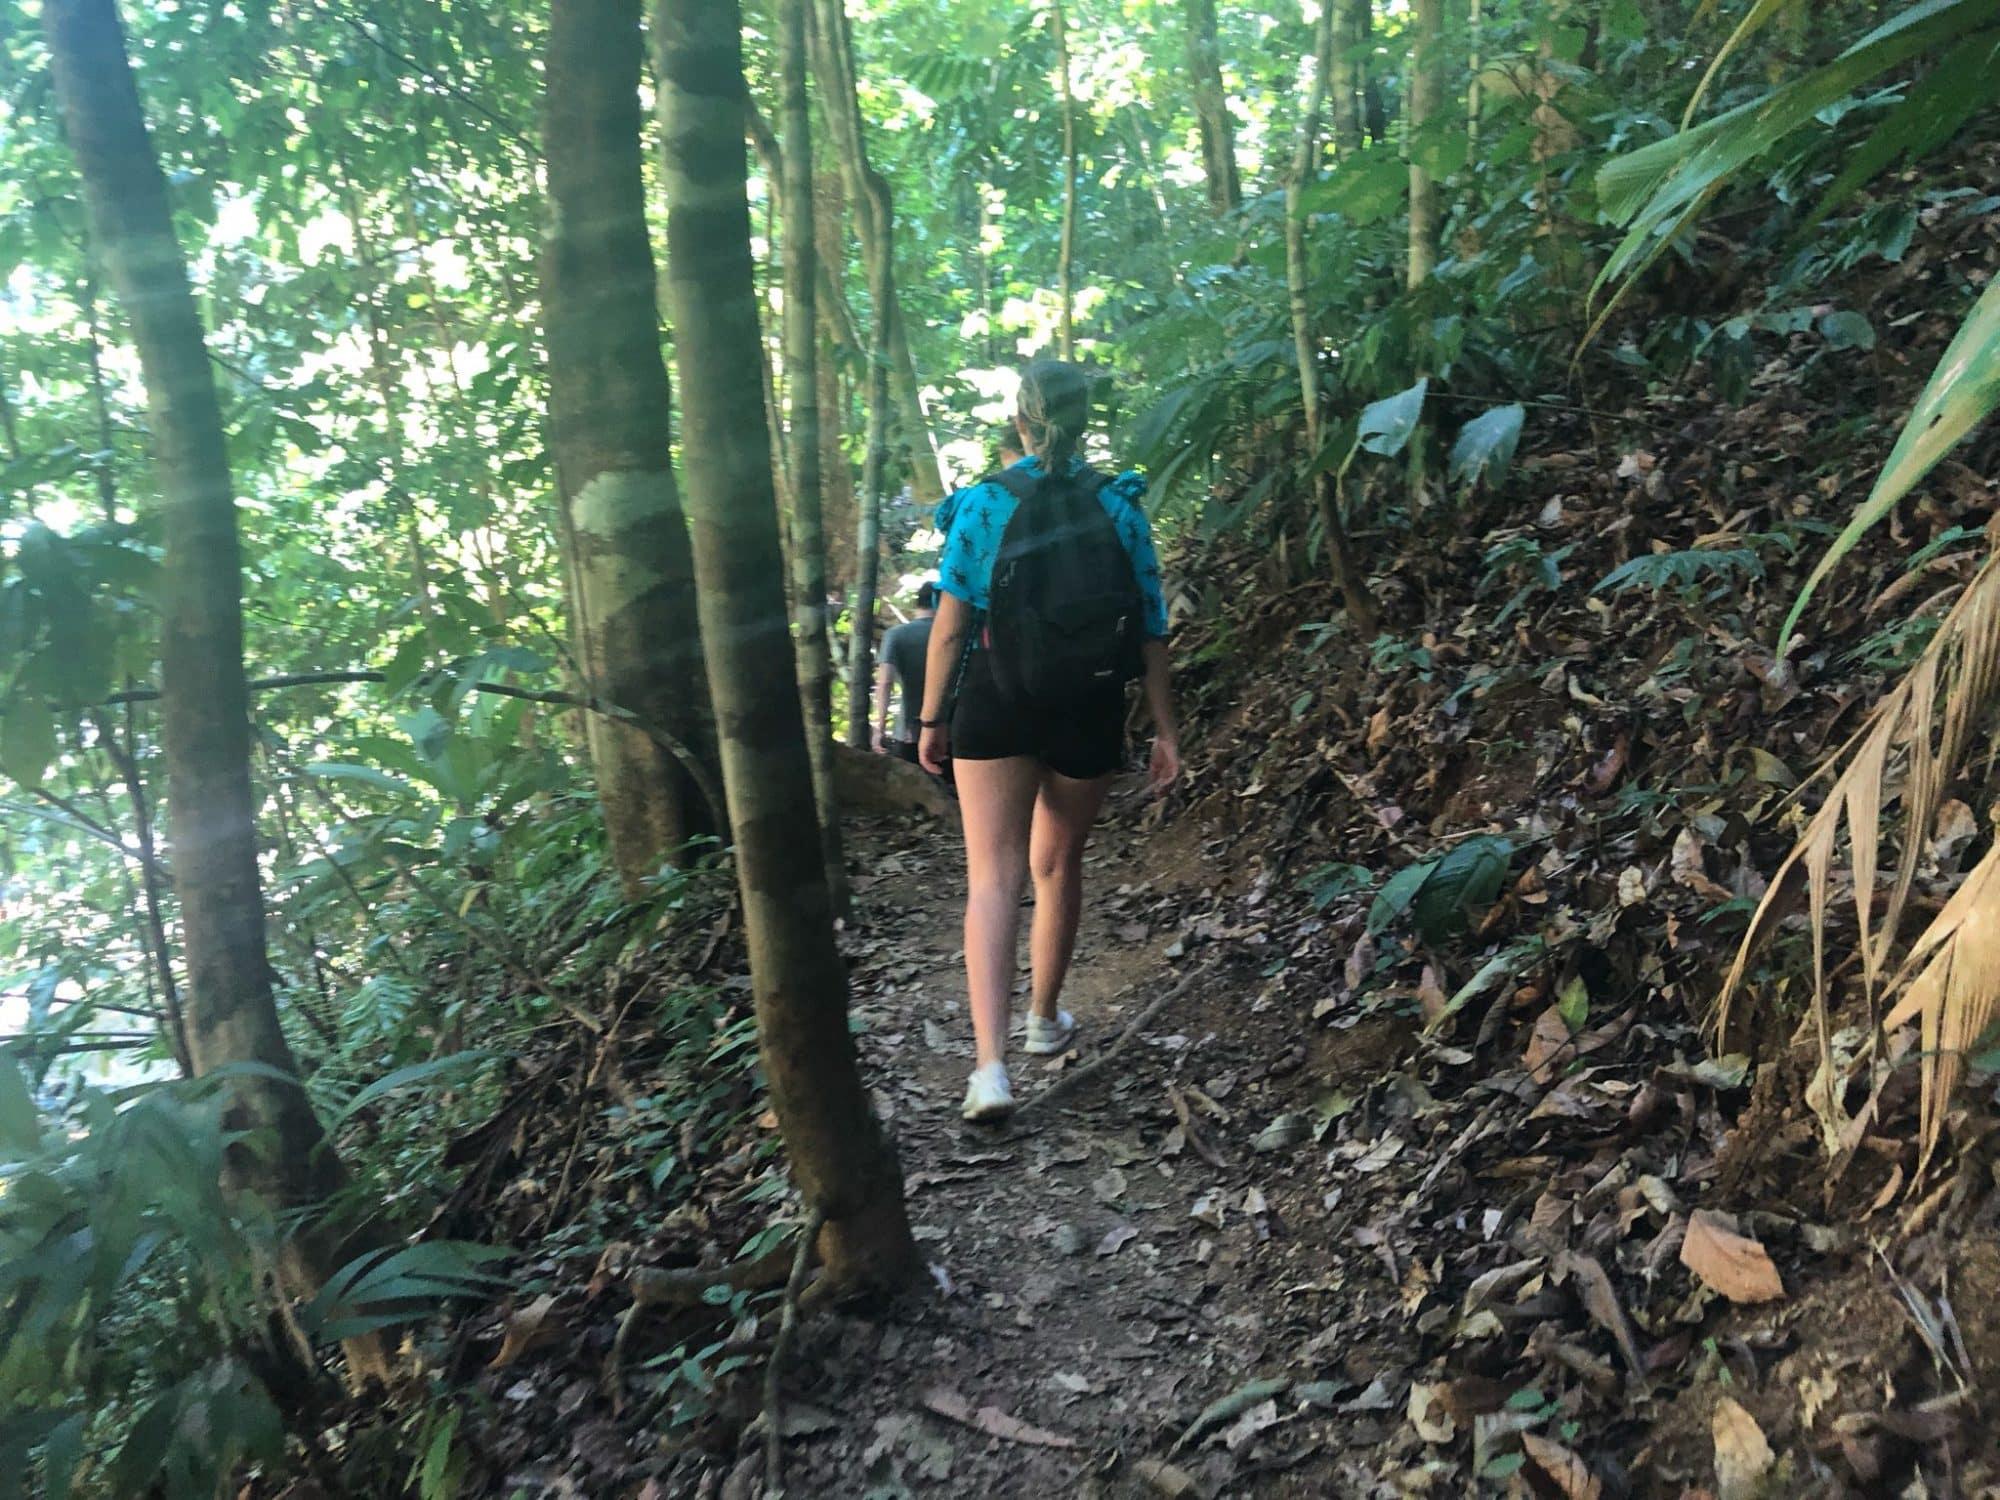 randonnée-corcovado-service-vertcostarica